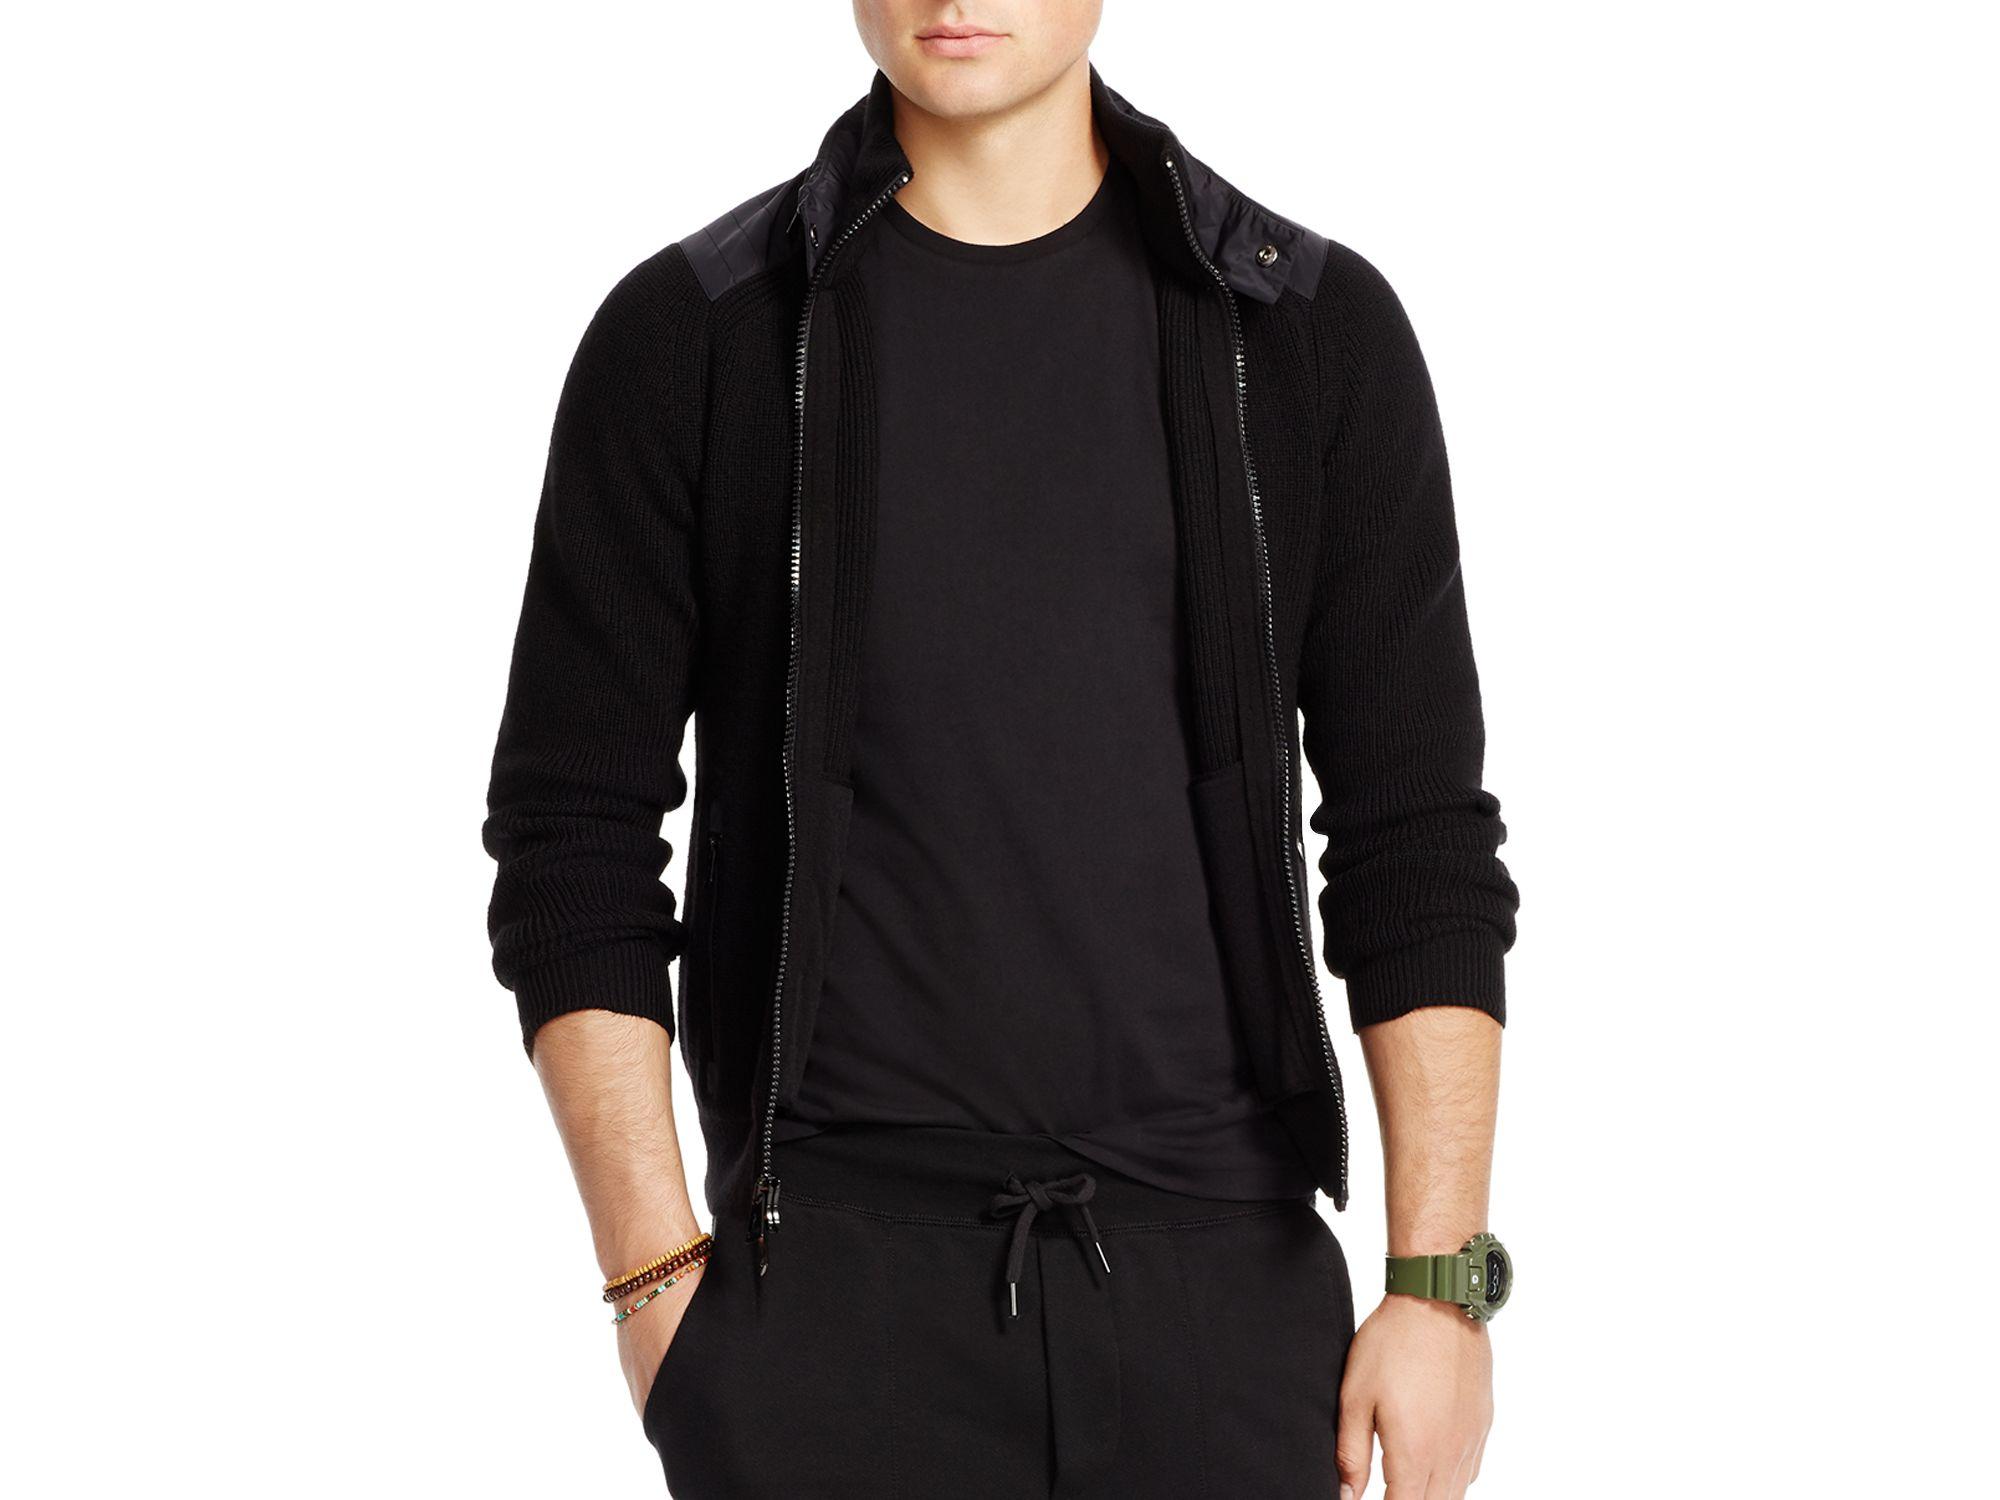 Polo ralph lauren Detachable Hood Full Zip Sweater in Black for ...